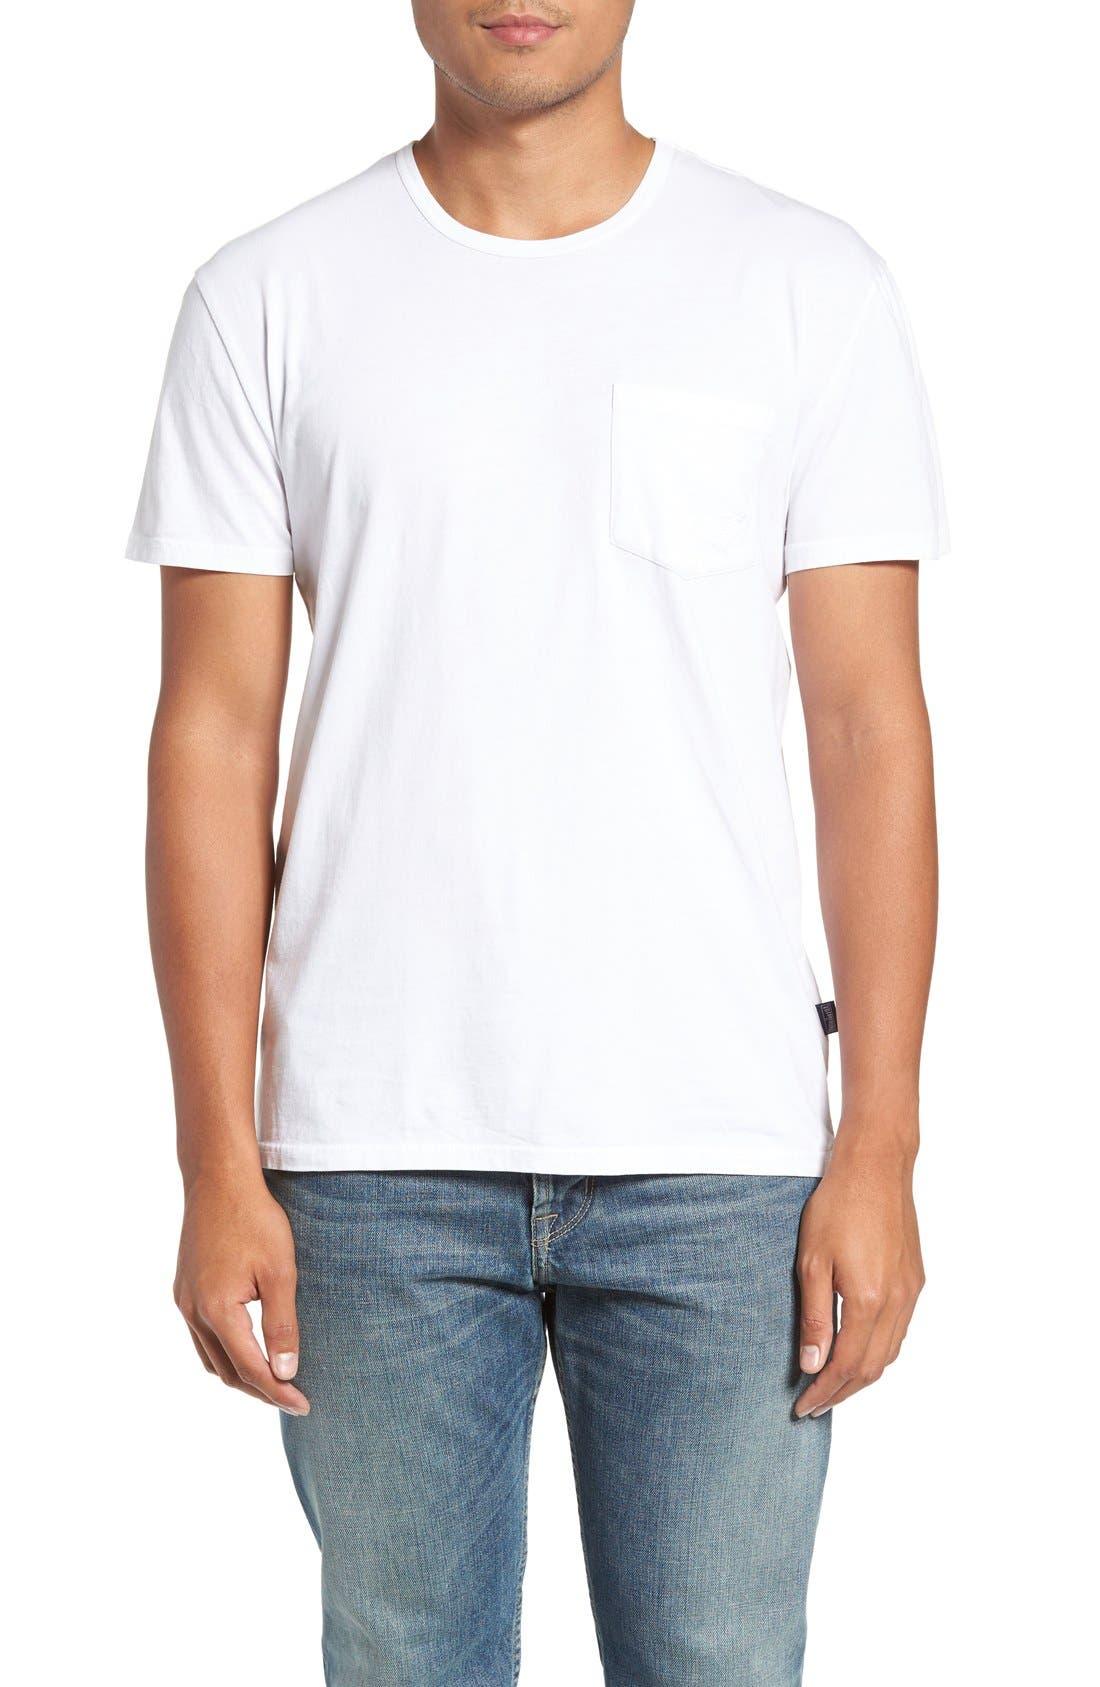 Vilbrequin Pocket T-Shirt